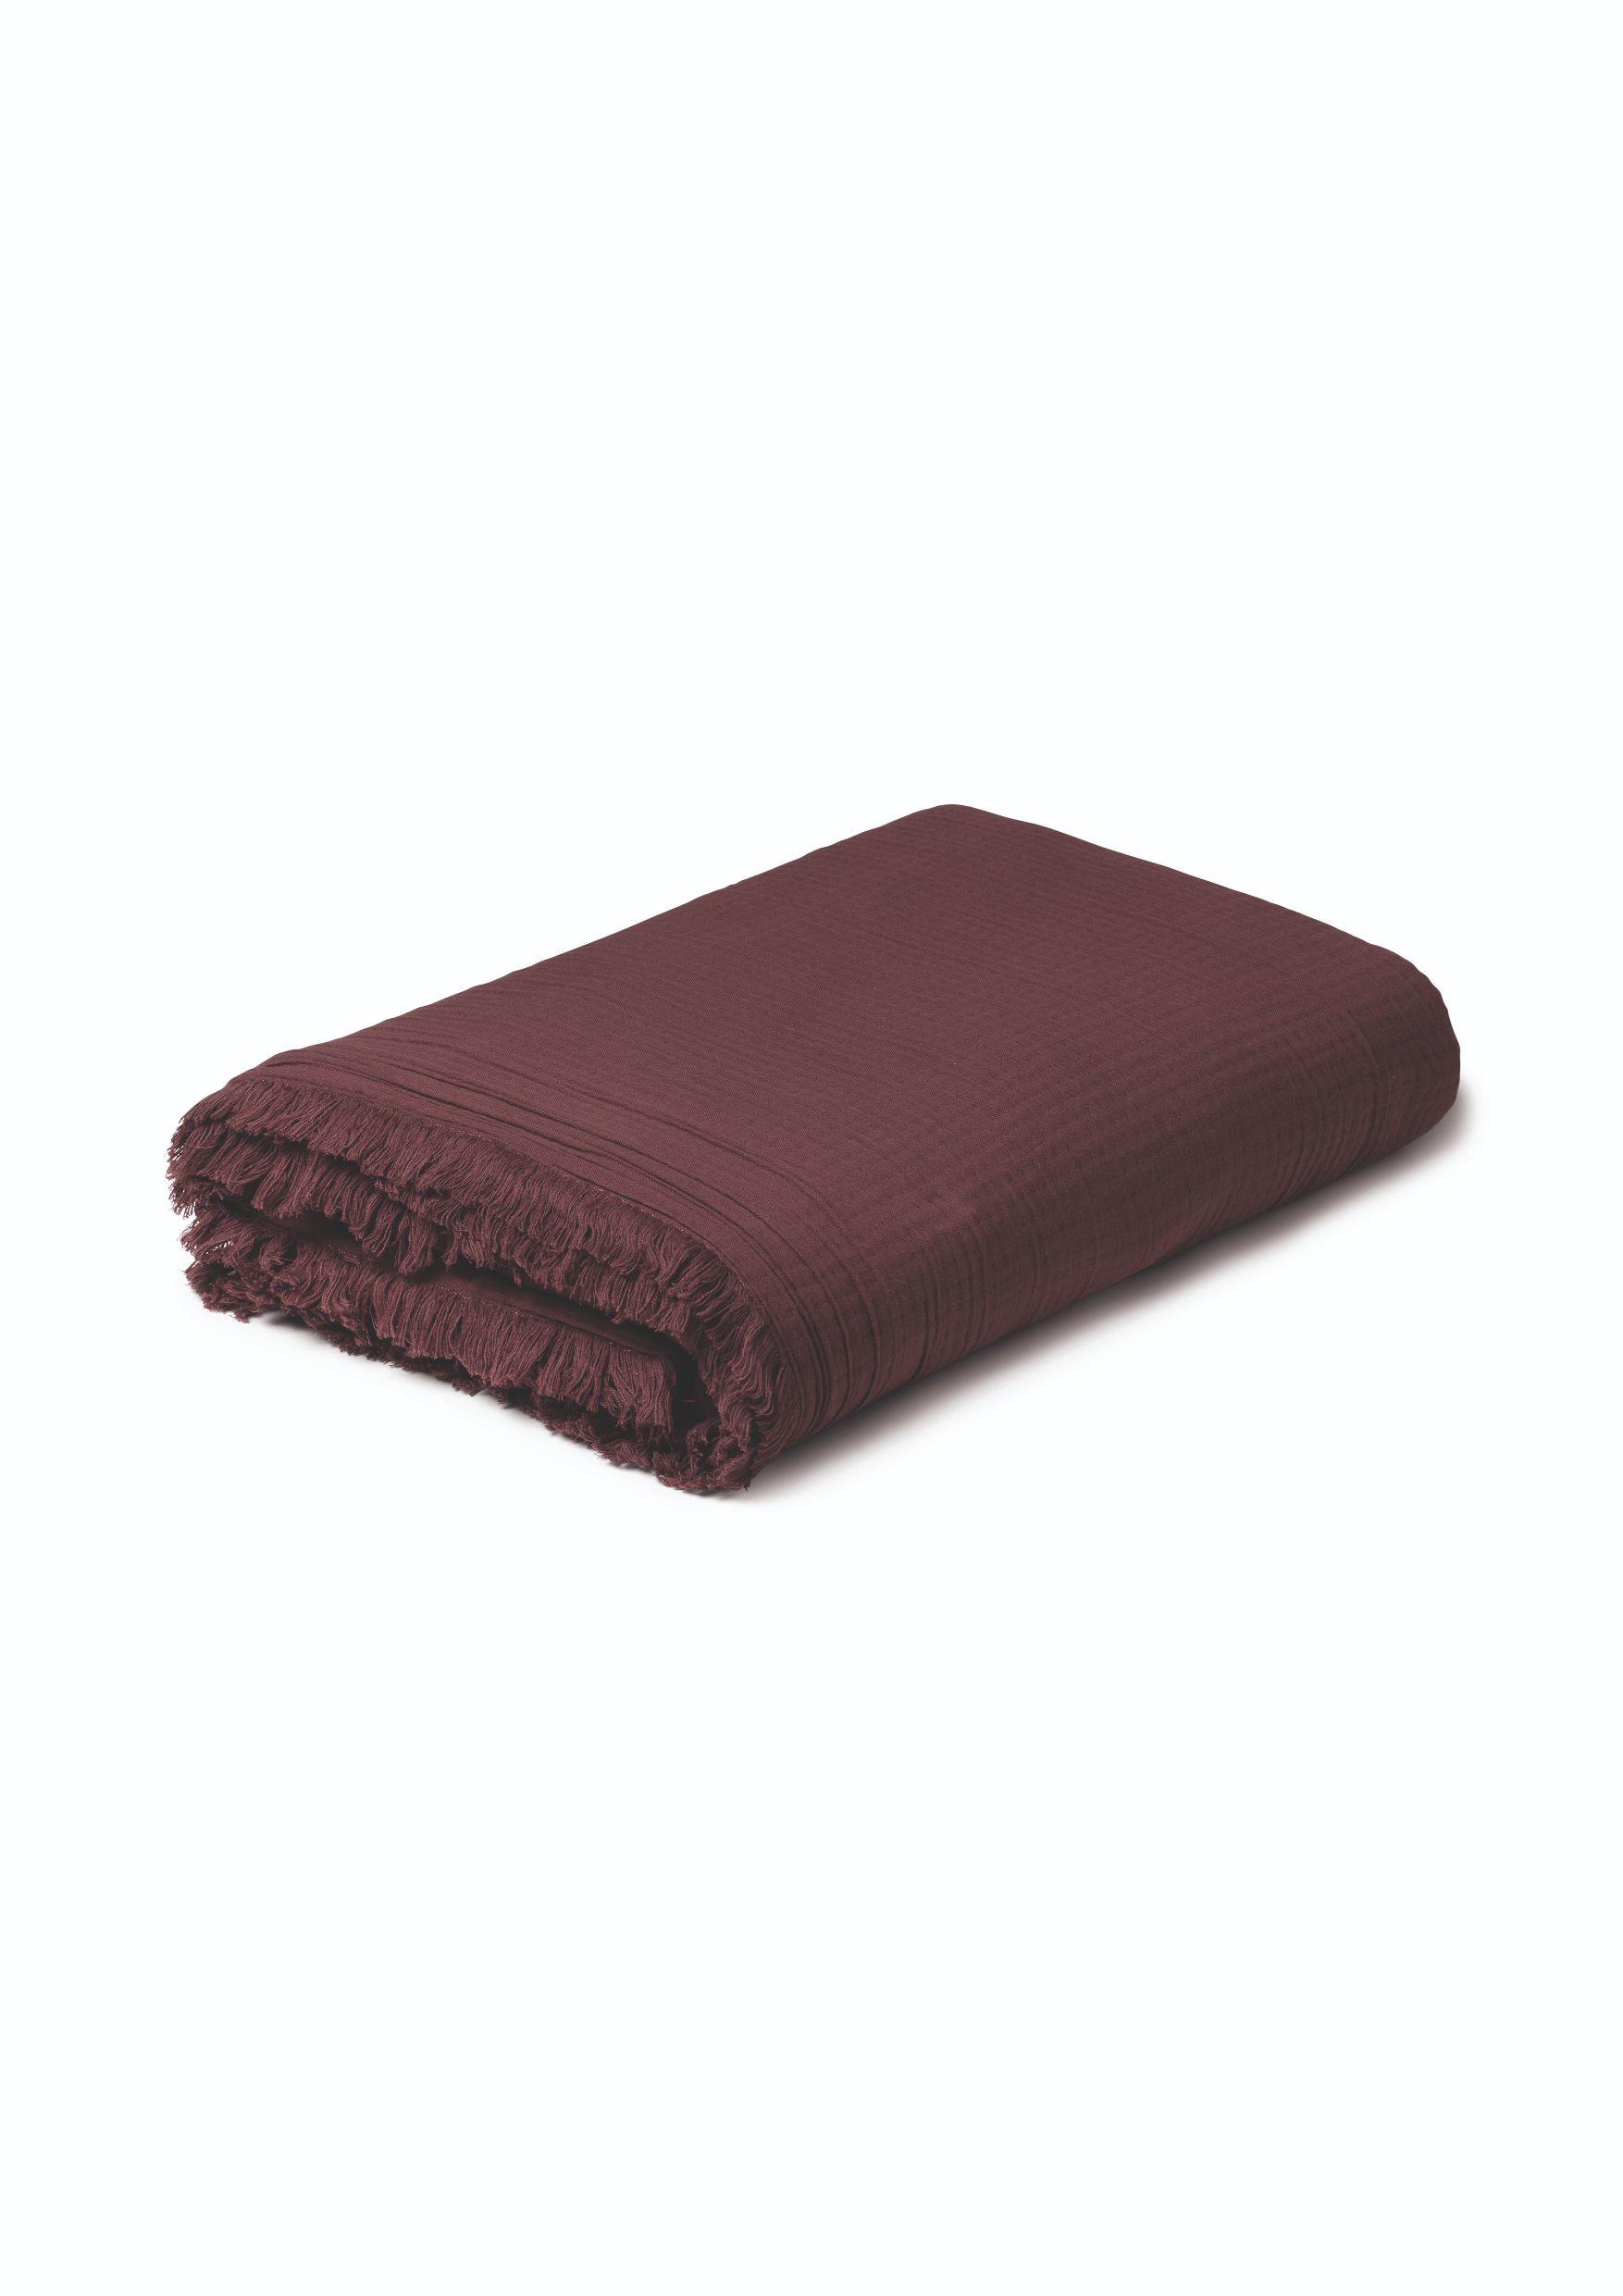 Juna View sengetæppe, 240x260 cm, chokolade